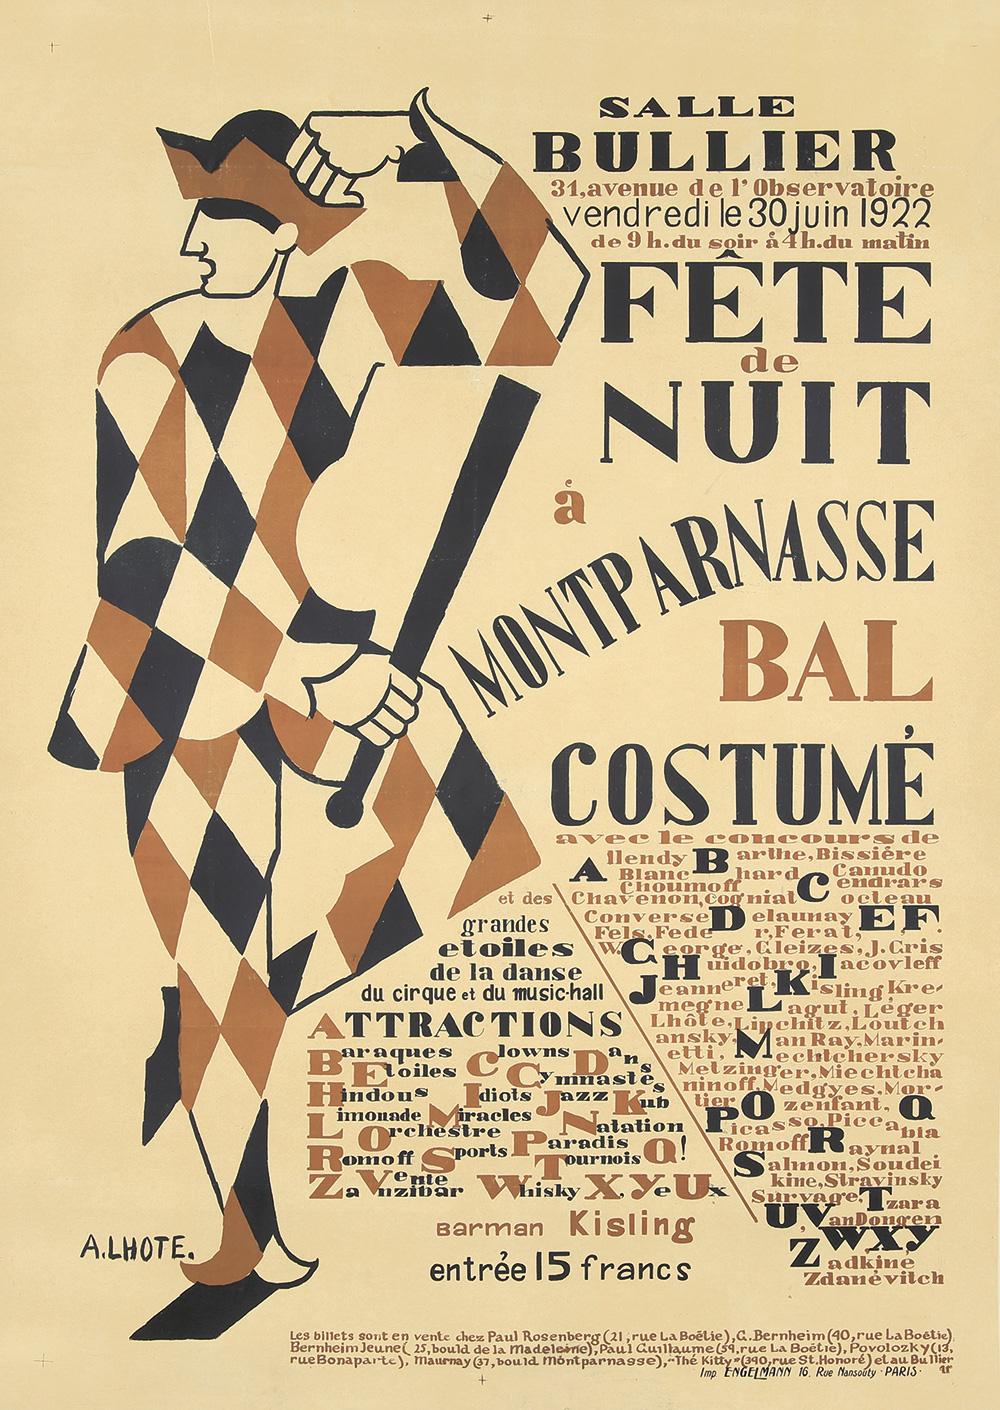 345. Salle Bullier / Fete du Nuit à Montparnasse Bal Costumé. 1922.